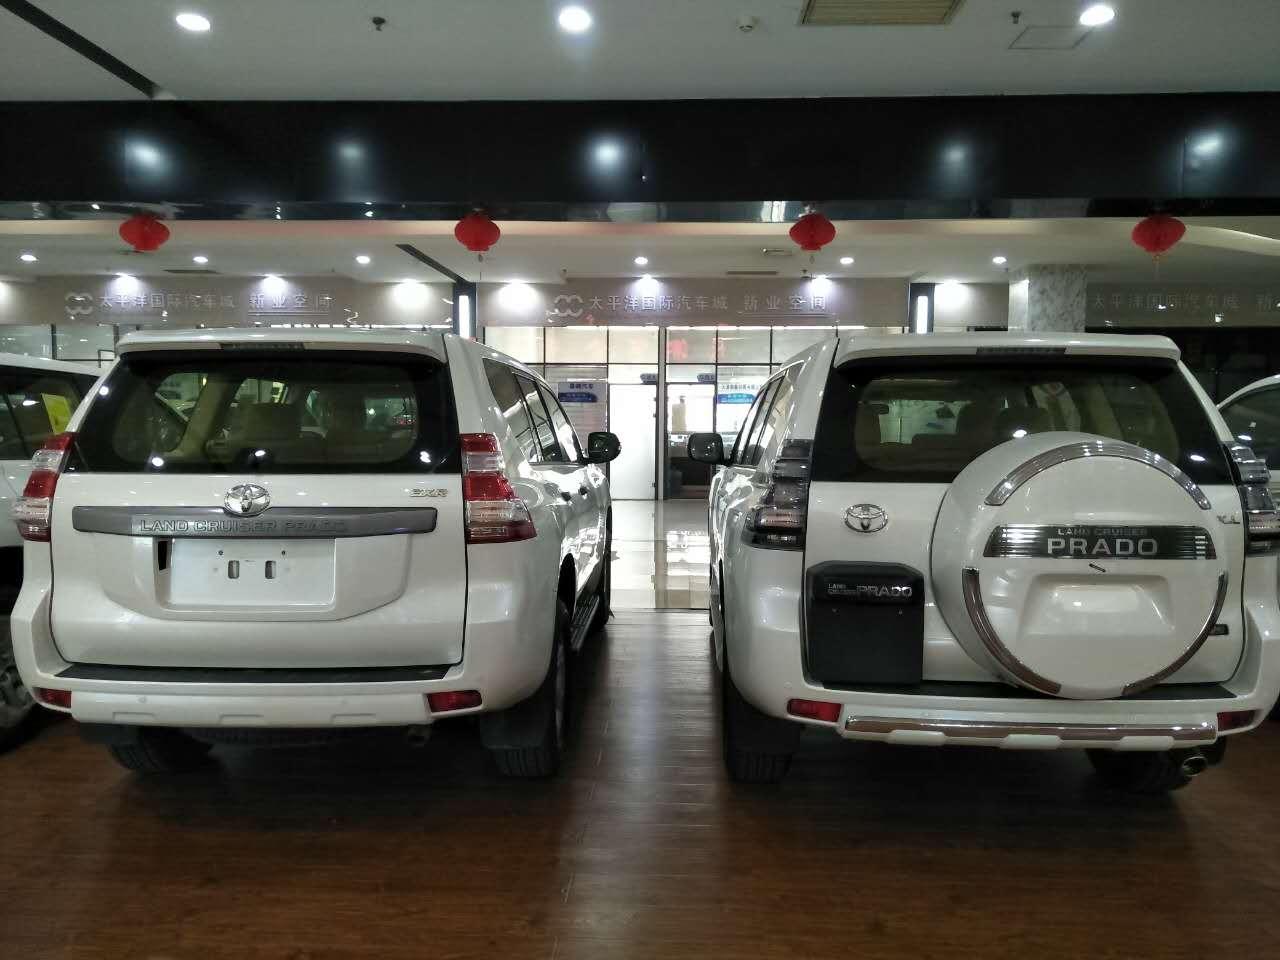 中东版普拉多4000价格 进口丰田超值惠